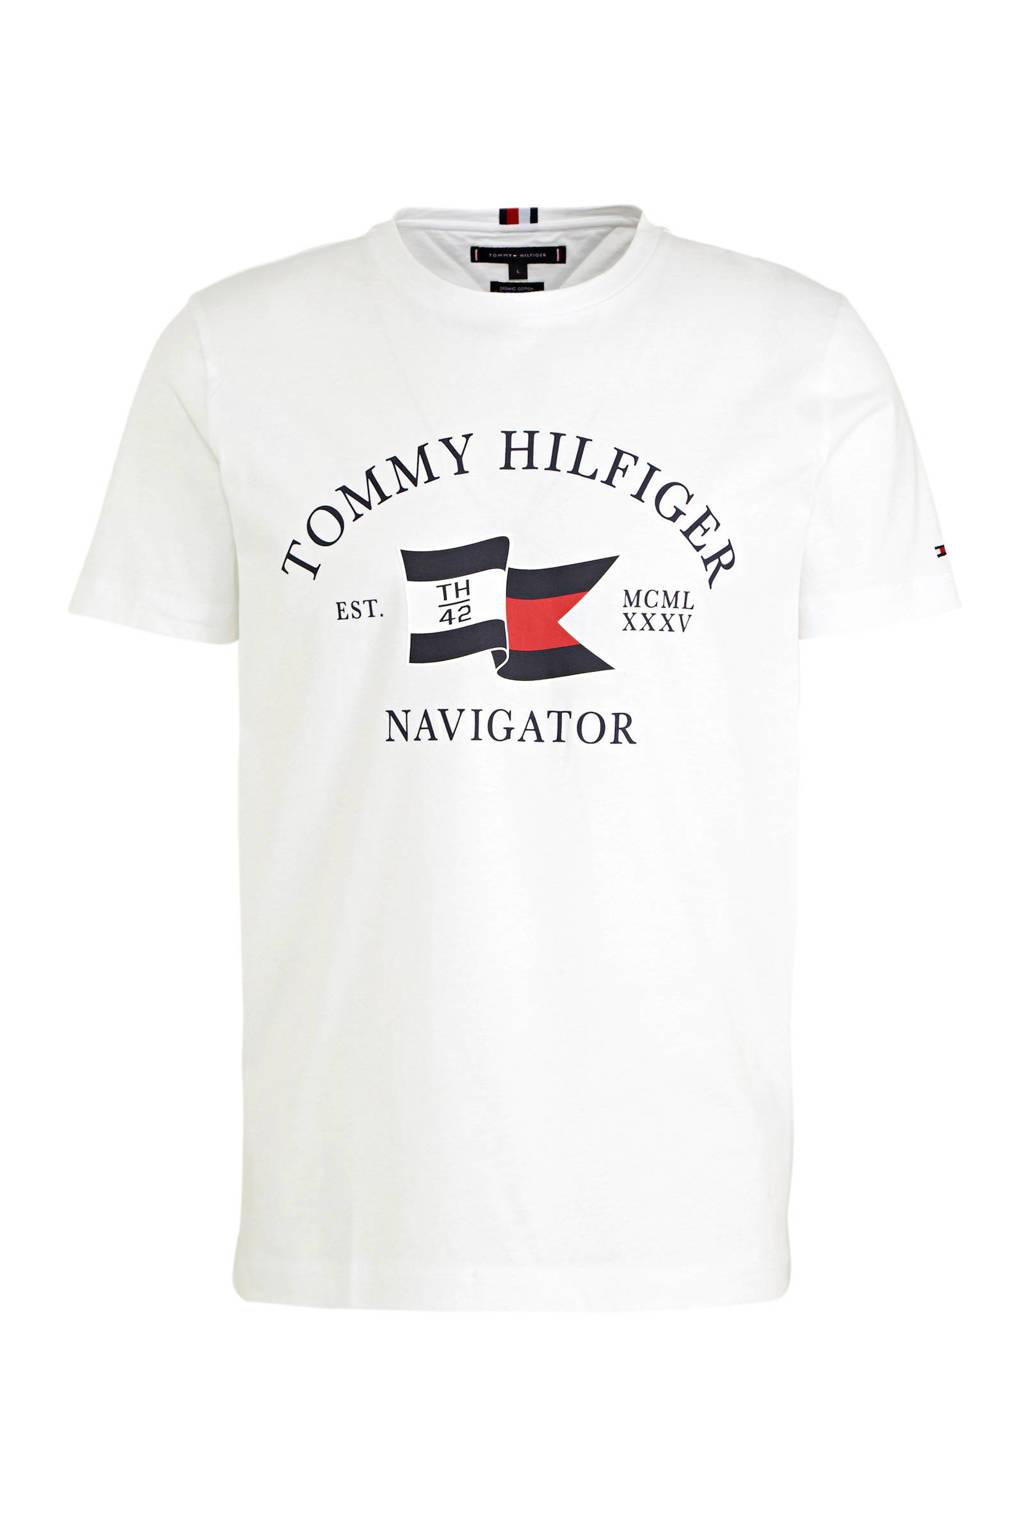 Tommy Hilfiger T-shirt van biologisch katoen wit/blauw/rood, Wit/blauw/rood